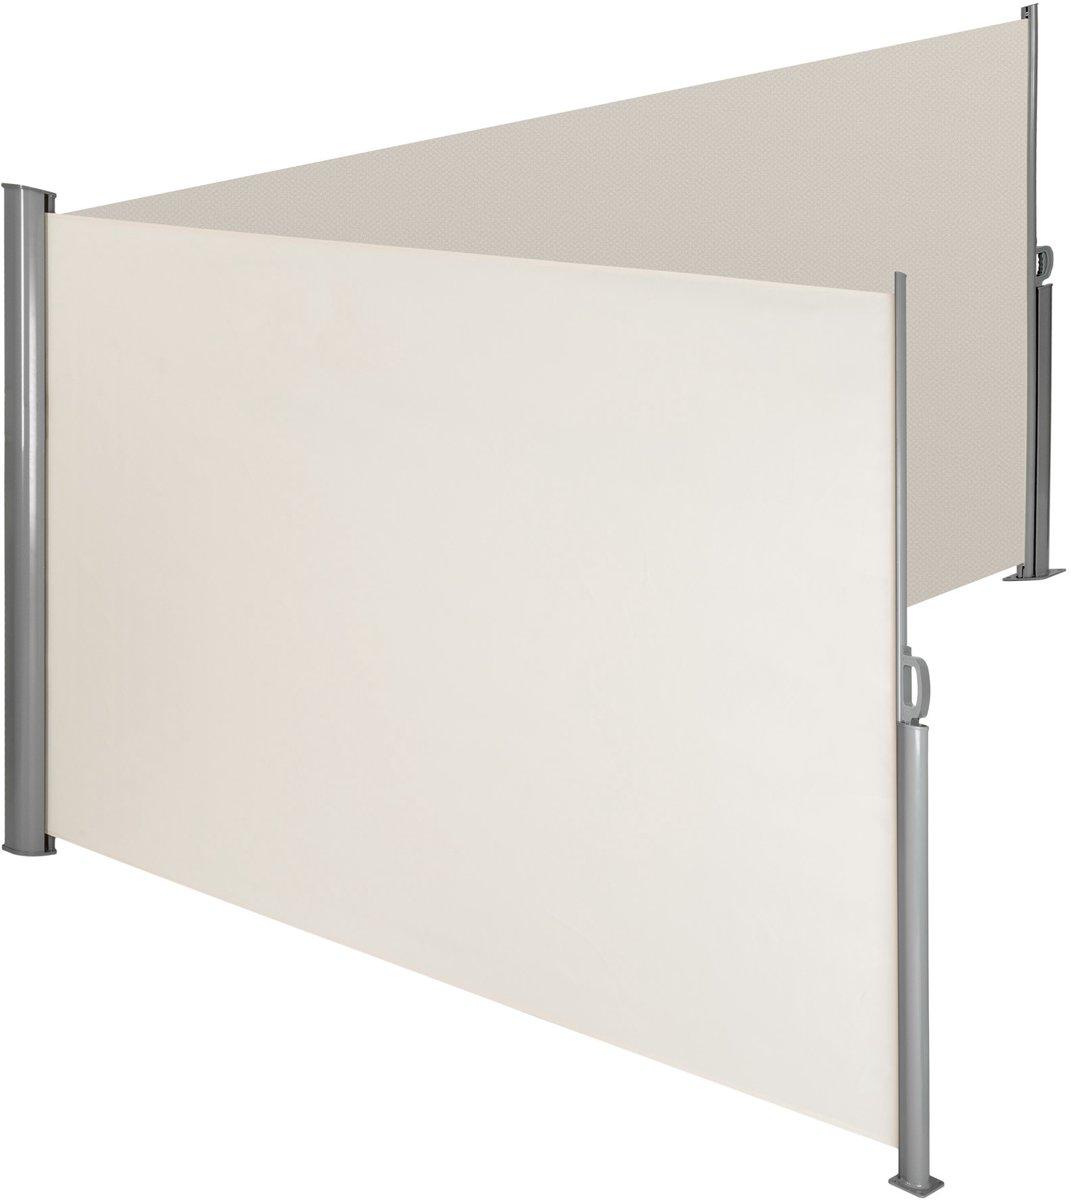 TecTake - aluminium windscherm - dubbel - 200 x 600 cm - beige - 402339 kopen